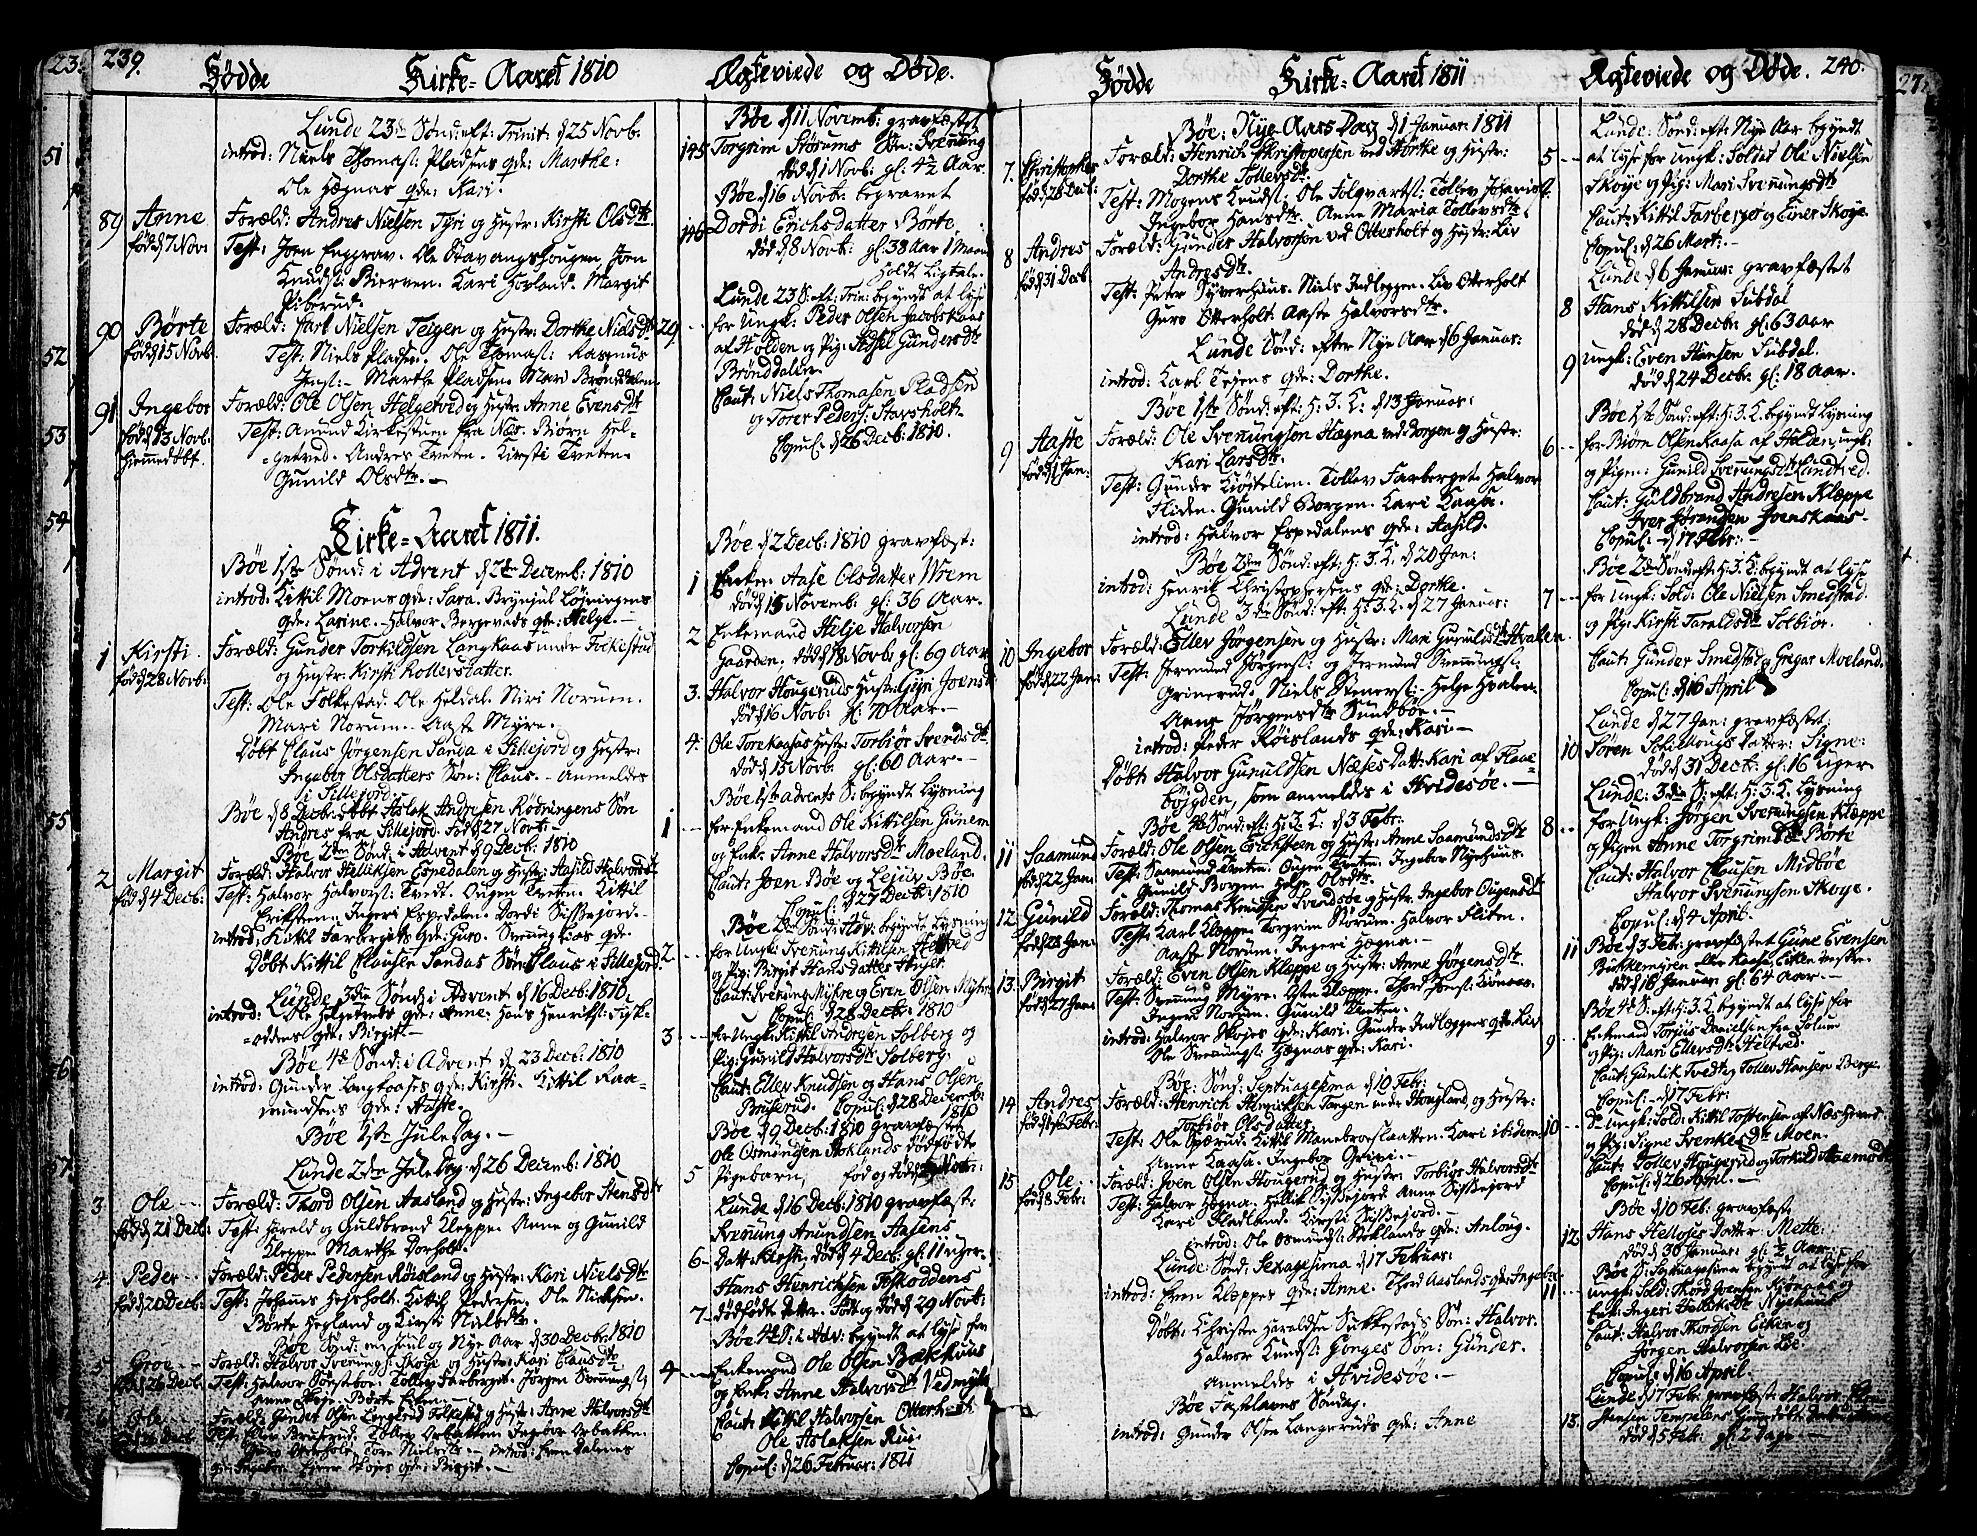 SAKO, Bø kirkebøker, F/Fa/L0005: Ministerialbok nr. 5, 1785-1815, s. 239-240